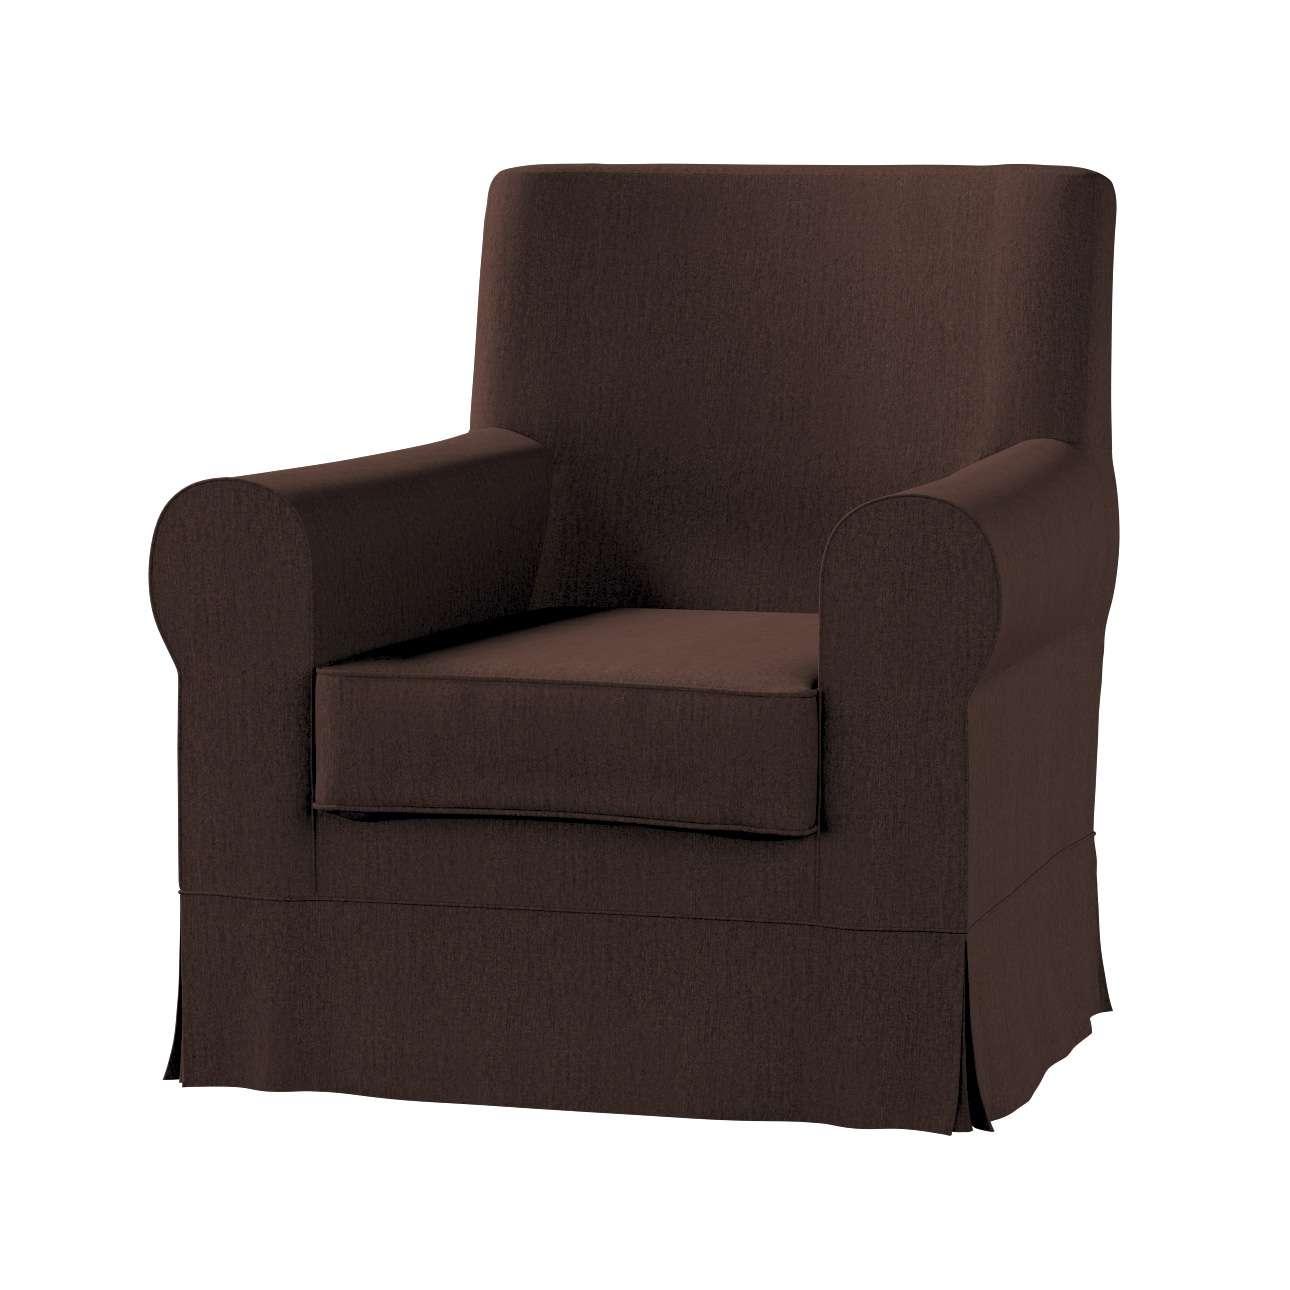 Pokrowiec na fotel Ektorp Jennylund Fotel Ektorp Jennylund w kolekcji Chenille, tkanina: 702-18